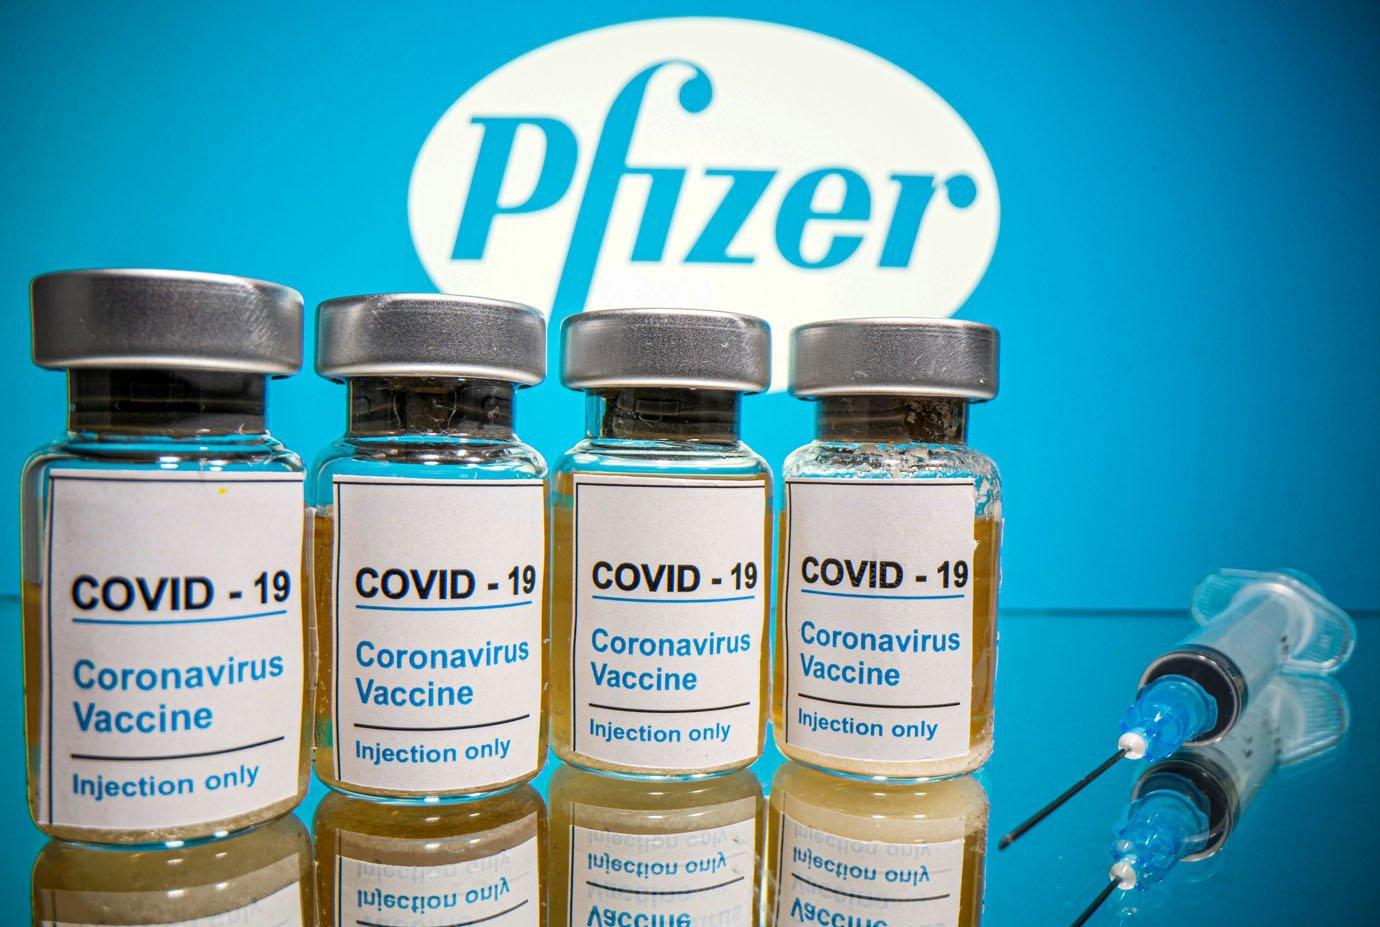 Refrigeração de -70ºC e dose dupla podem atrapalhar vacina da Pfizer | Exame